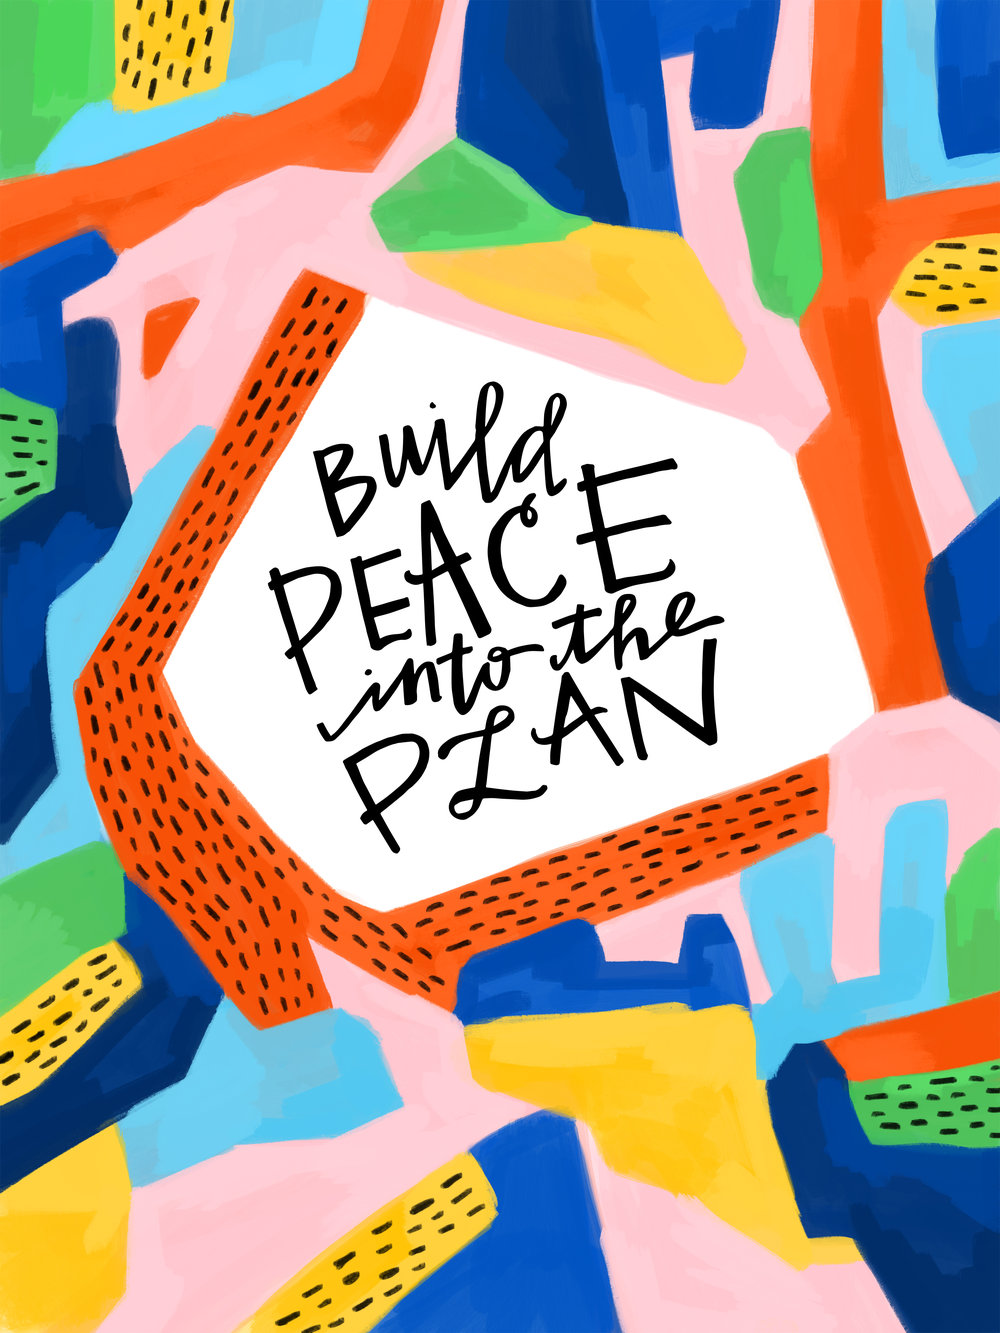 5/19/16: Plan